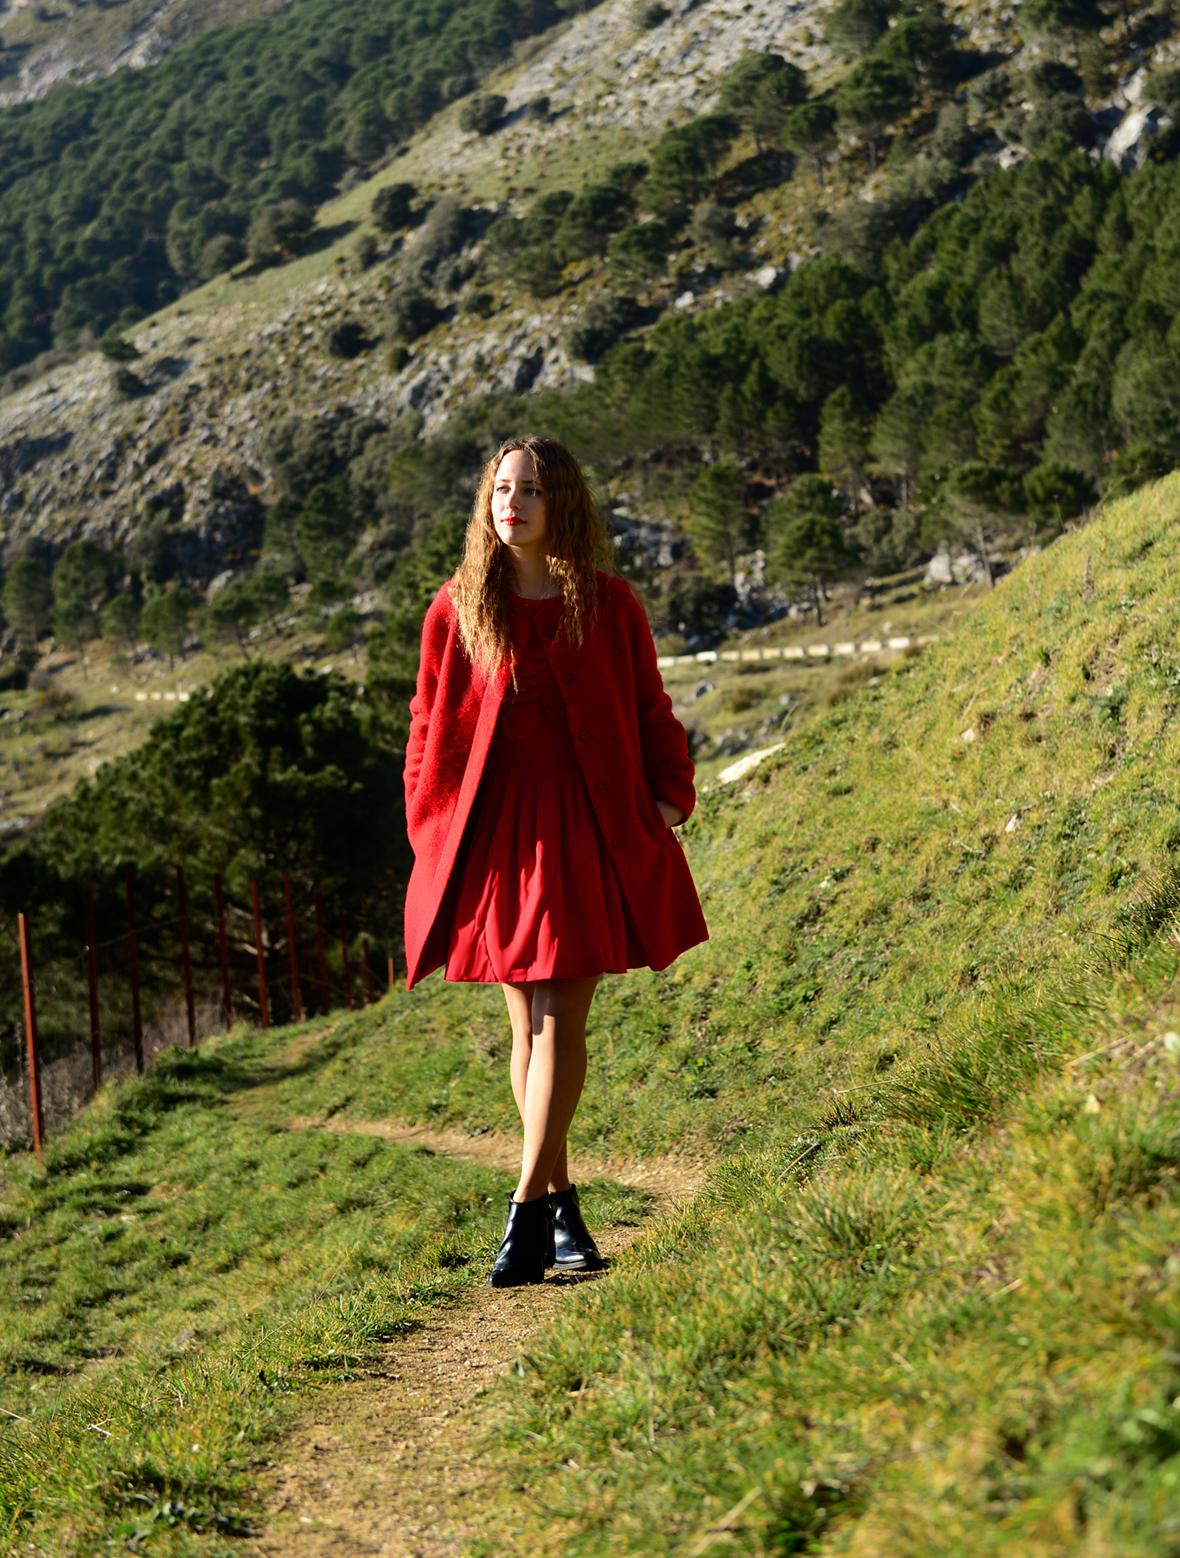 Caminando por los senderos de la Sierra de Grazalema